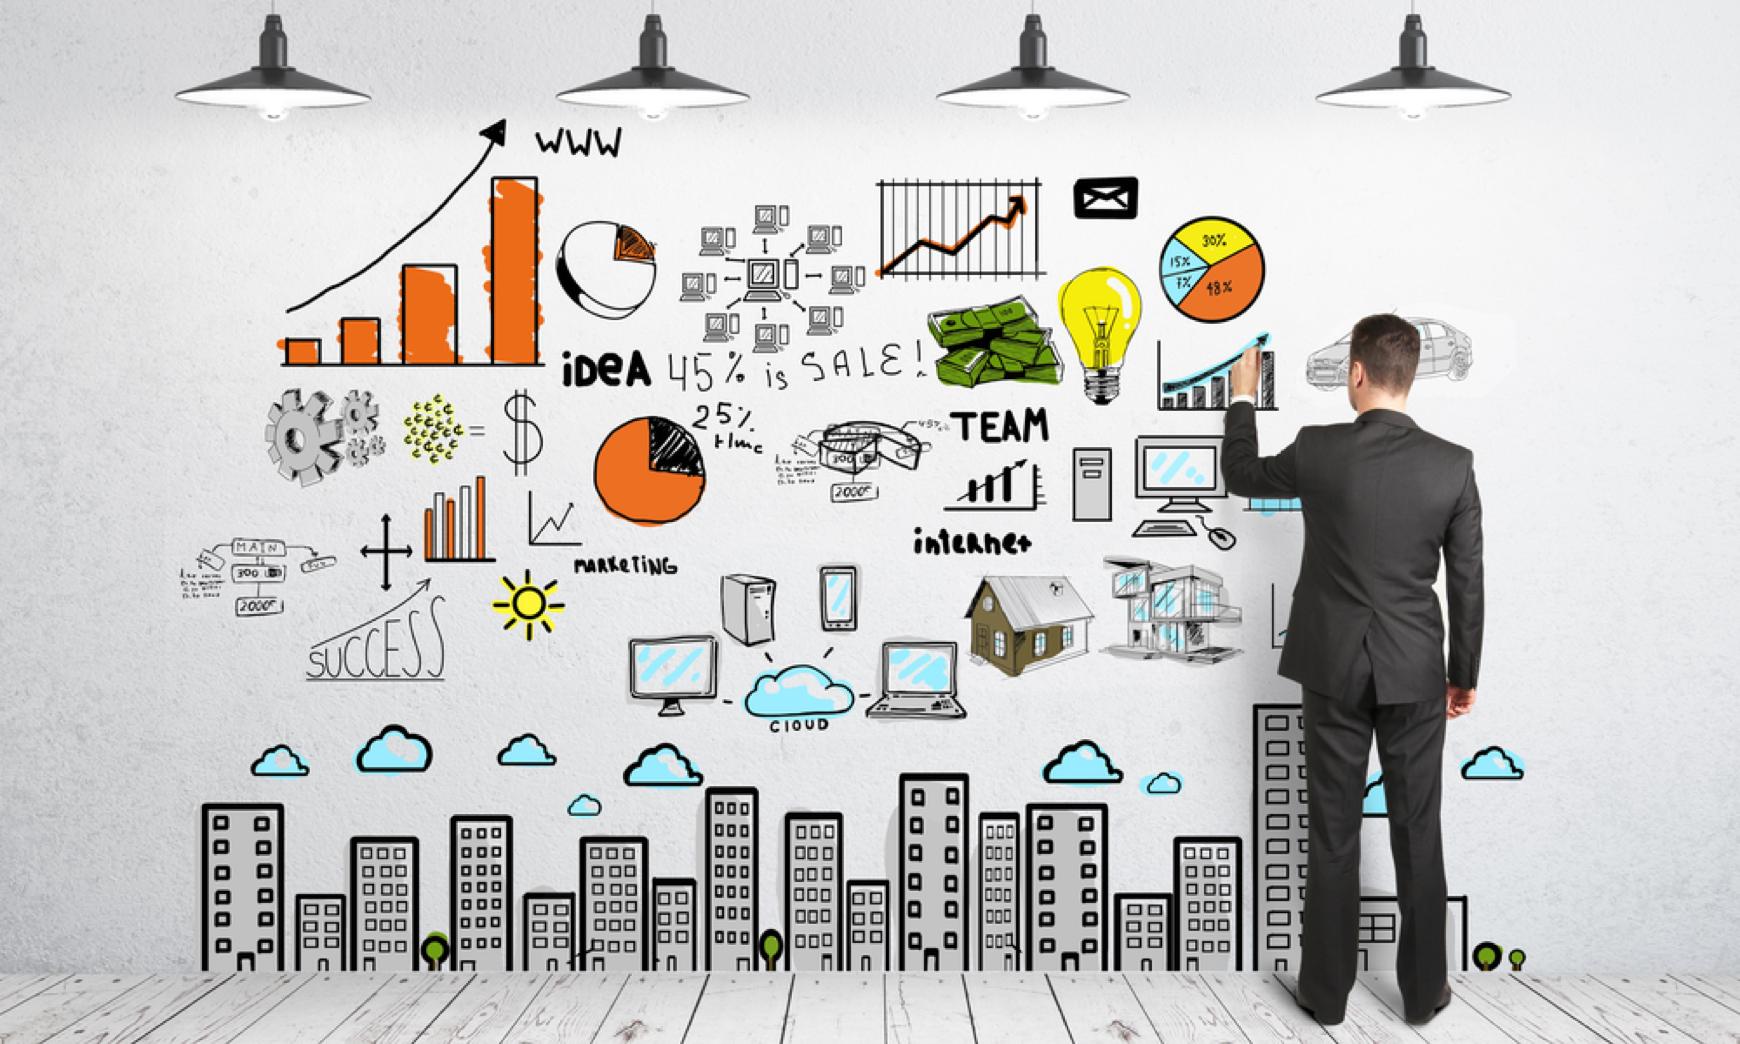 Услуги продвижения бизнеса в сети